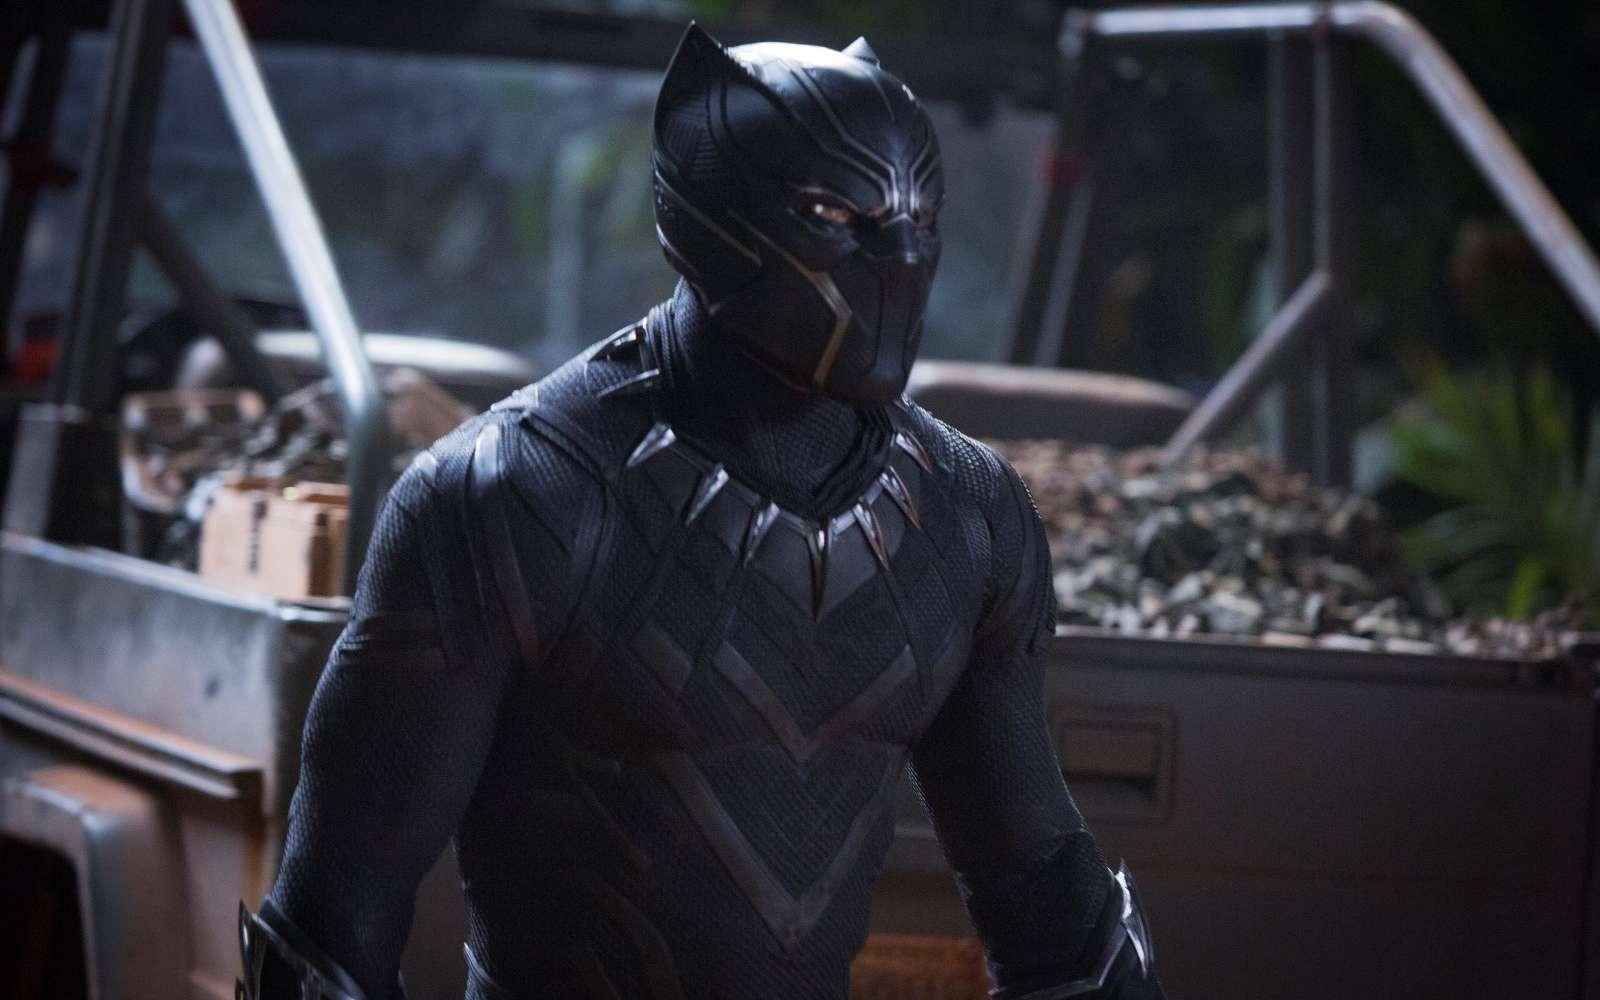 Le costume en vibranium de Black Panther est capable de contrôler l'énergie cinétique. Nos technologies pourront-elles un jour faire de même ? © Marvel Studios 2018, Matt Kennedy